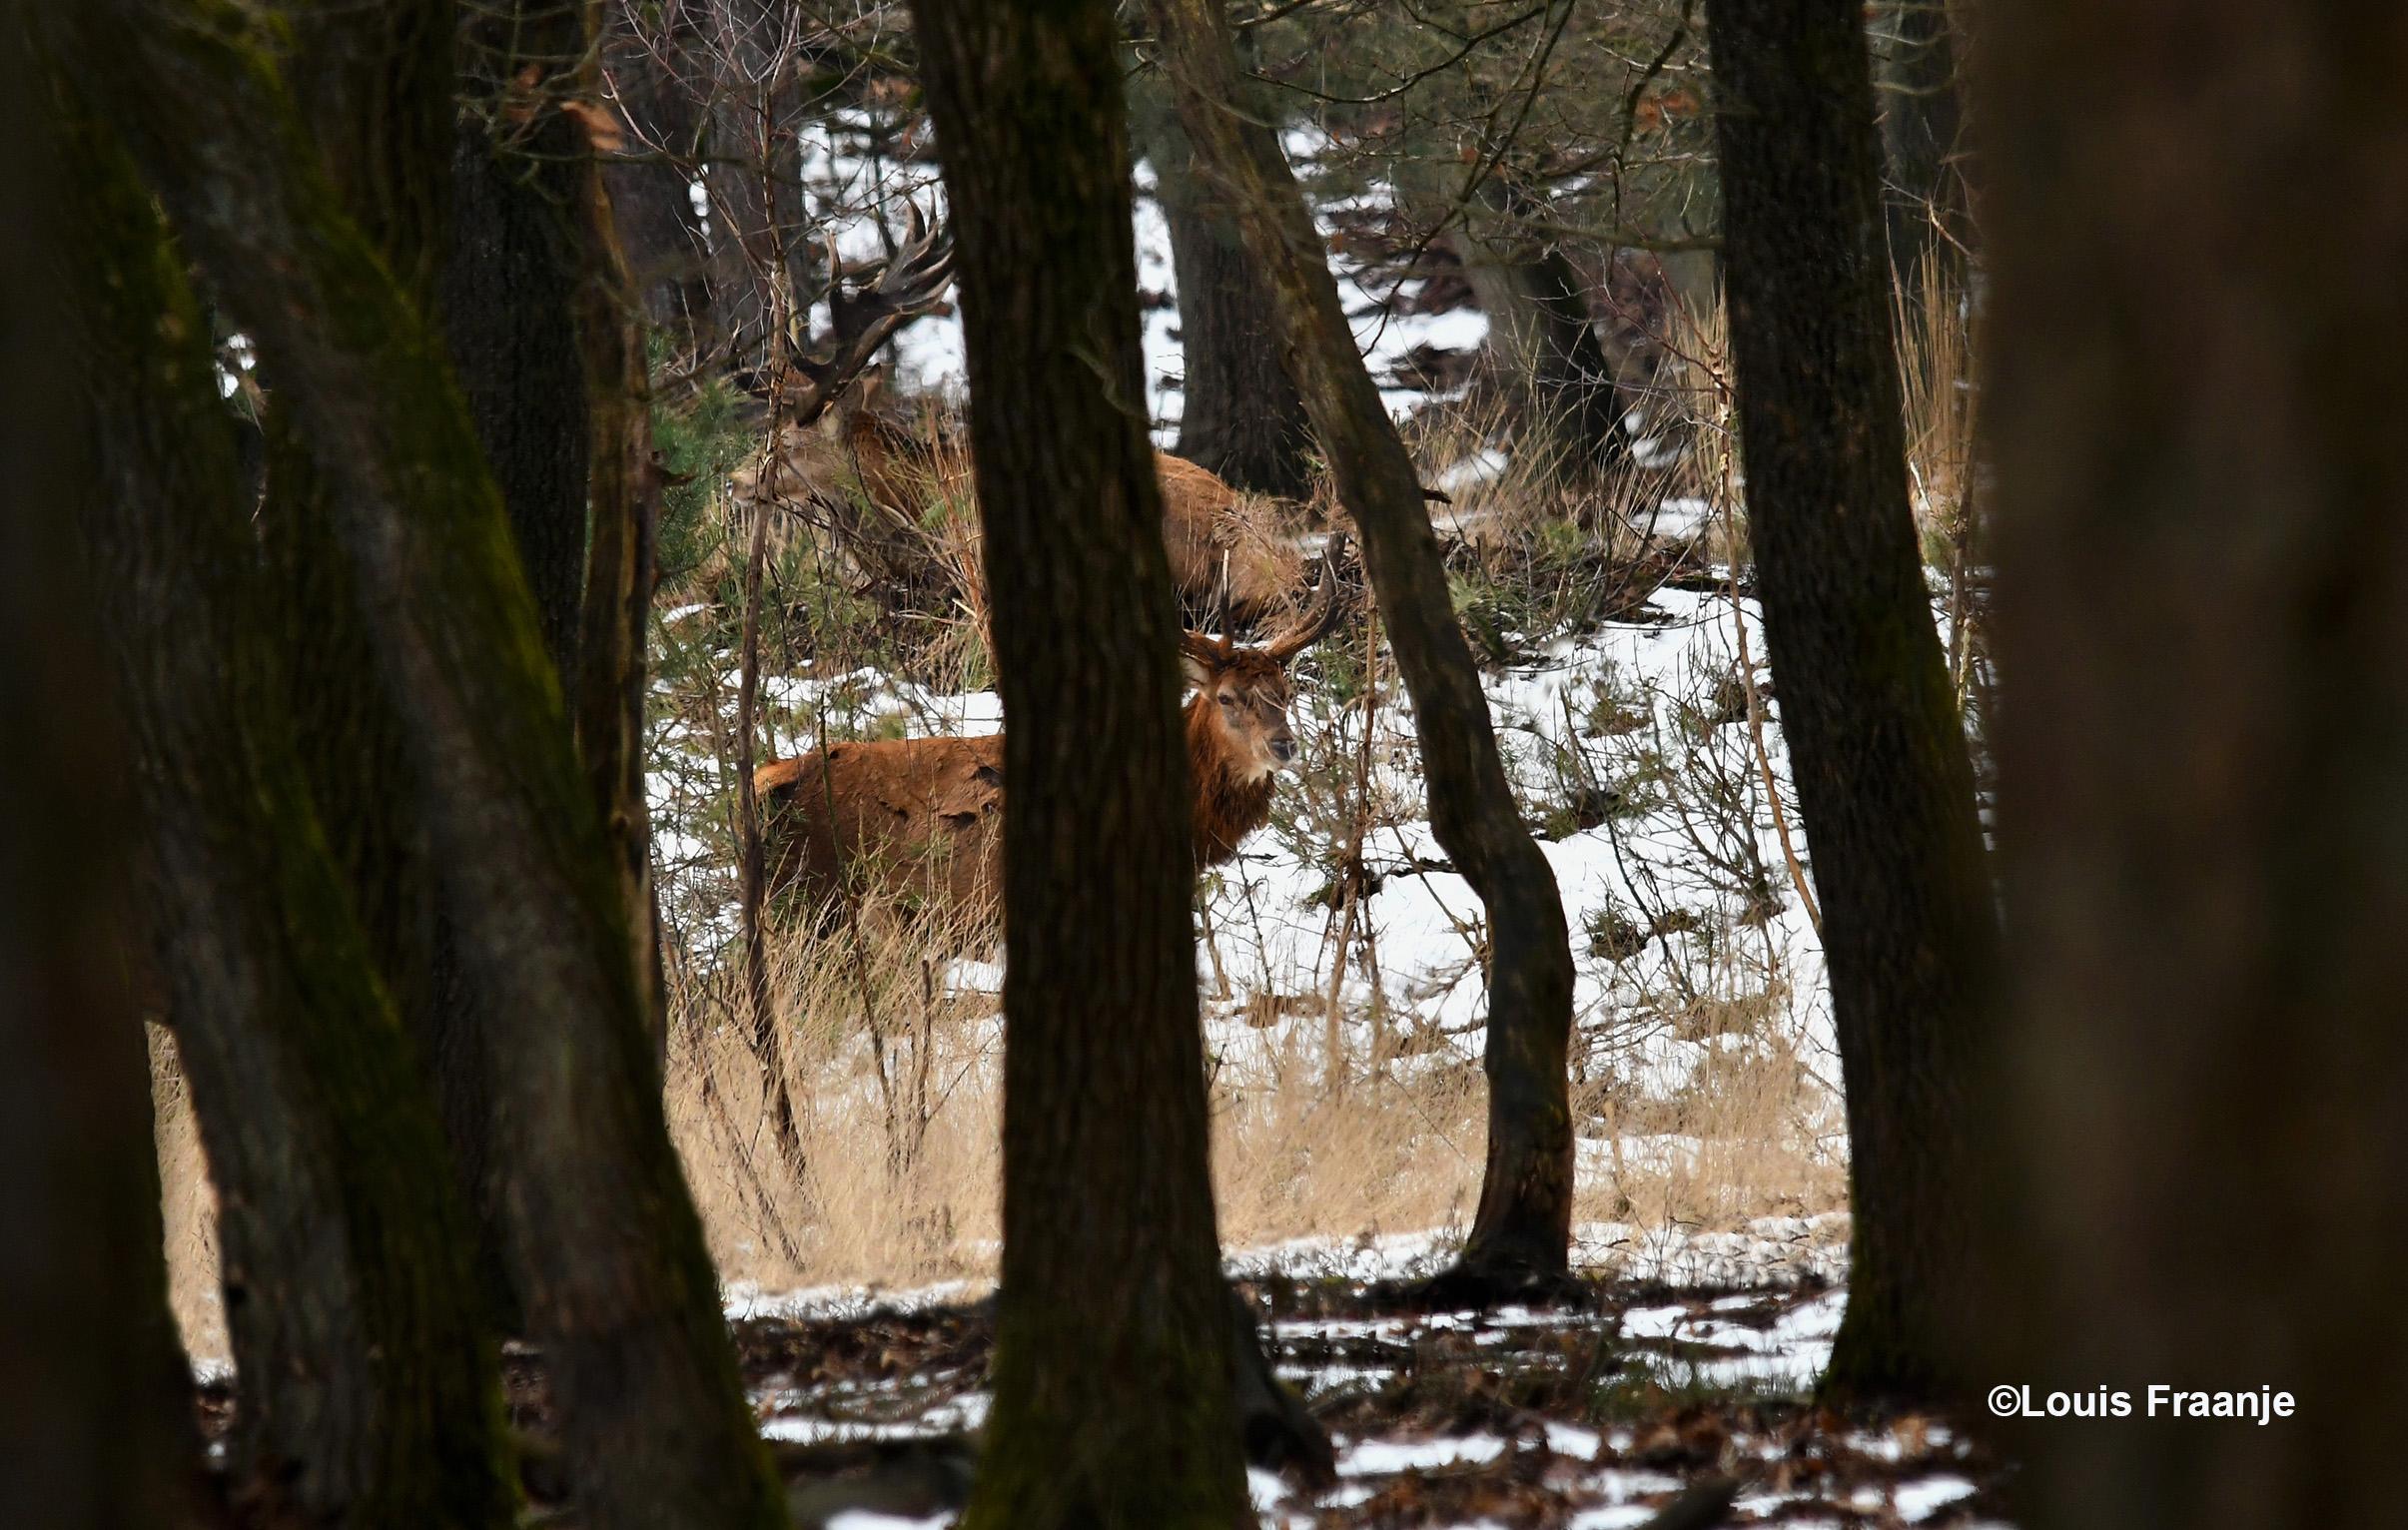 Ergens heel ver weg tussen de bomen zien we Hubertus, met zijn maatje op de voorgrond - Foto: ©Louis Fraanje